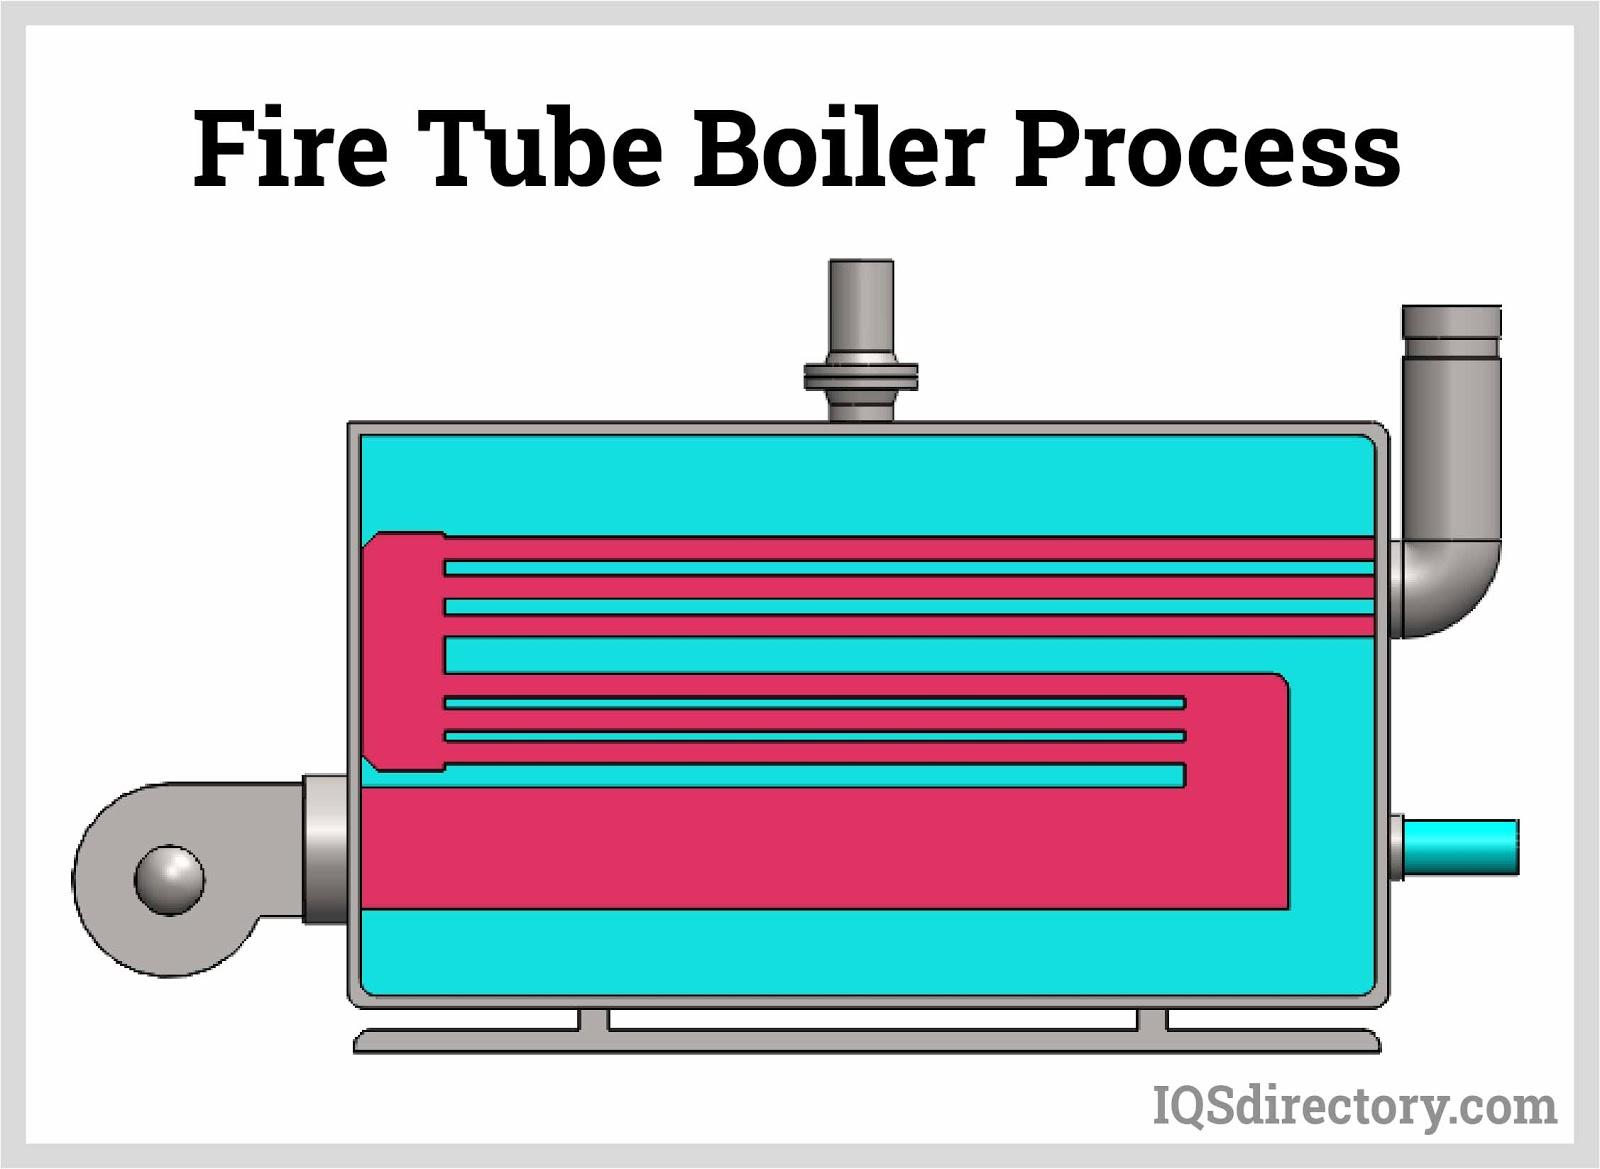 IQS fire tube boiler